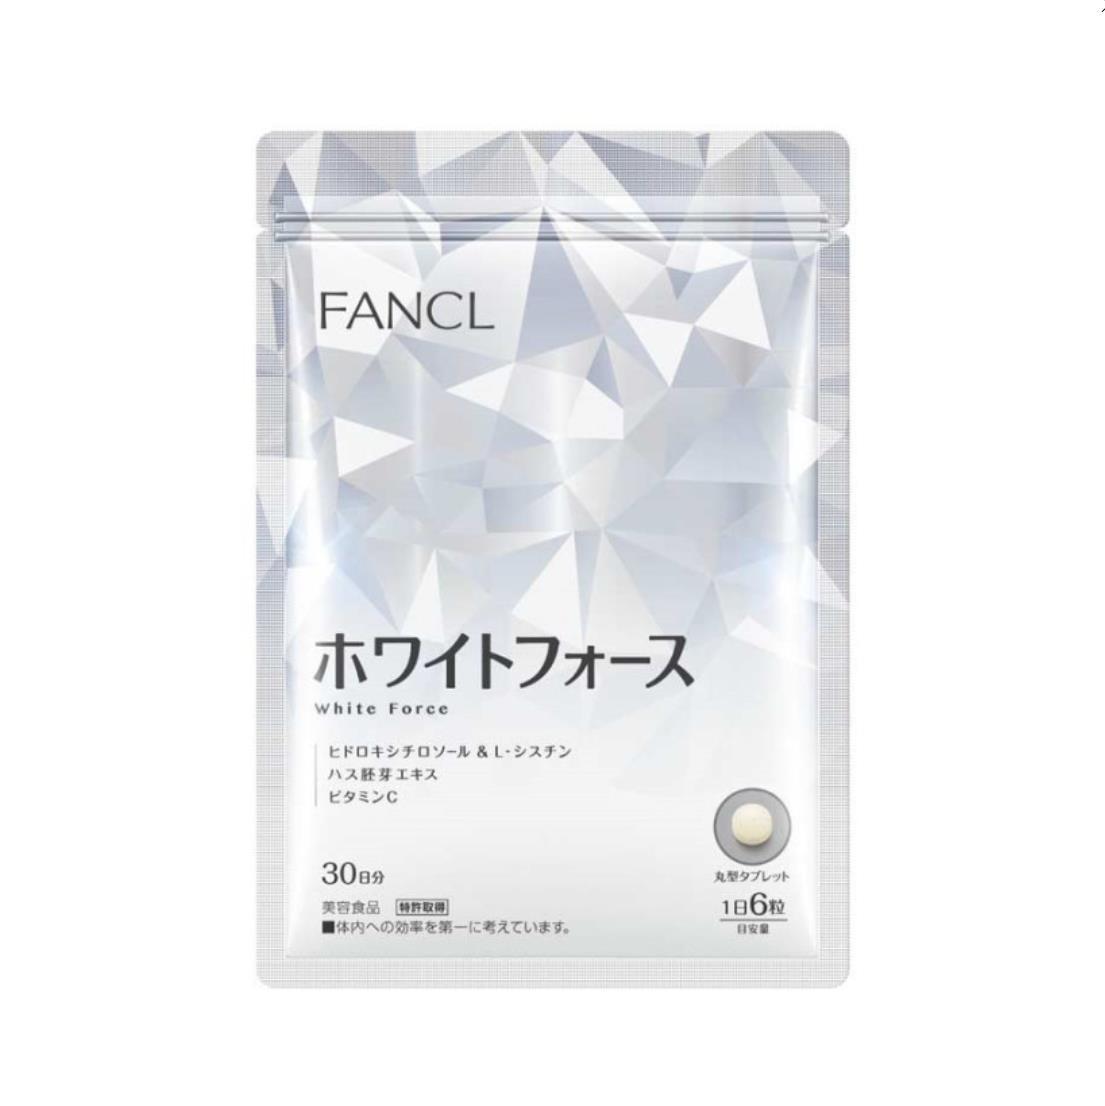 【日本直邮】日本本土版FANCL芳珂 维生素美白丸 最新版再生亮白丸营养素 180粒